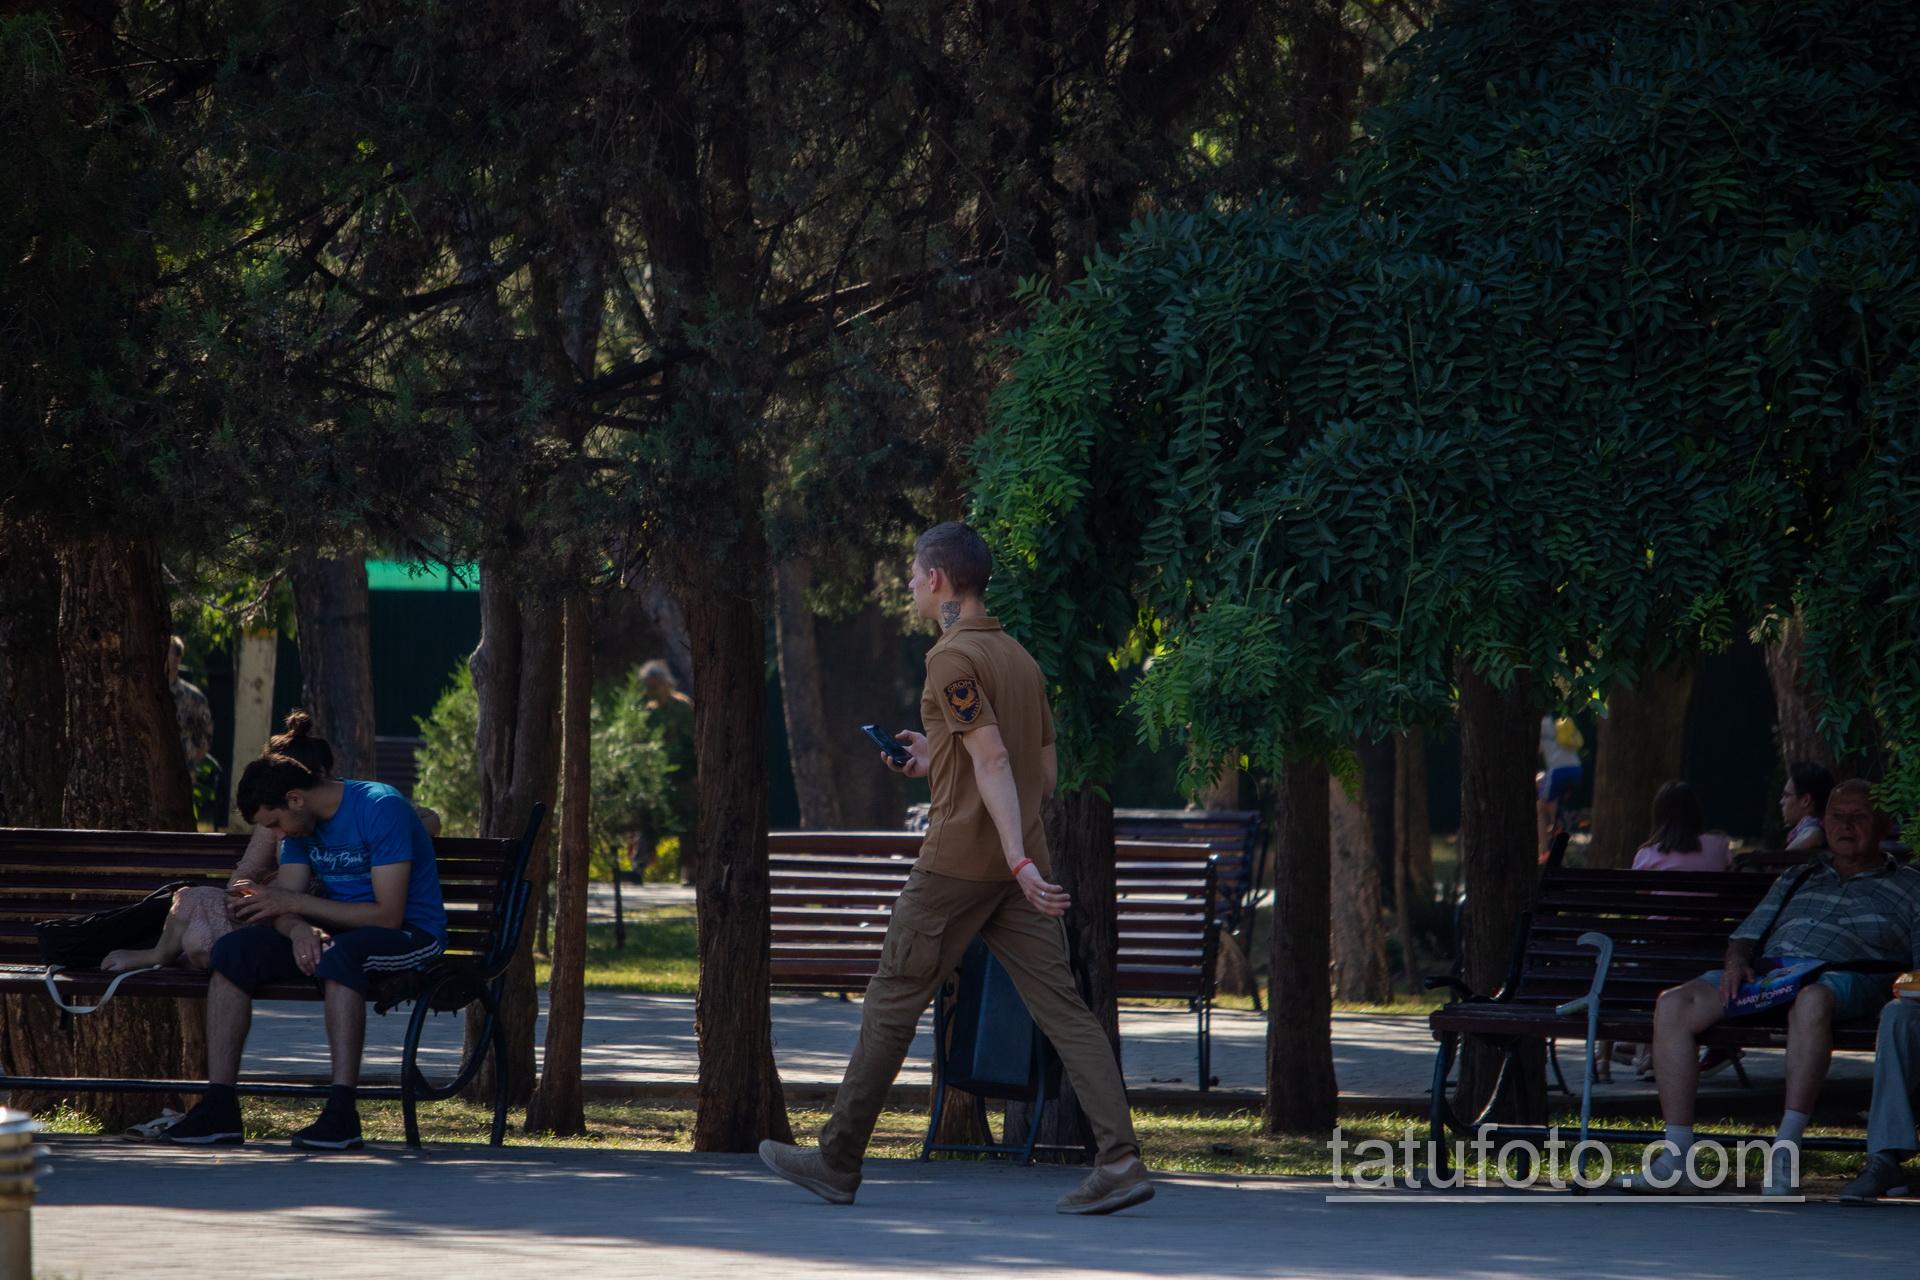 Тату с розой на руке и шее охранника в парке – Уличная татуировка 14.09.2020 – tatufoto.com 12